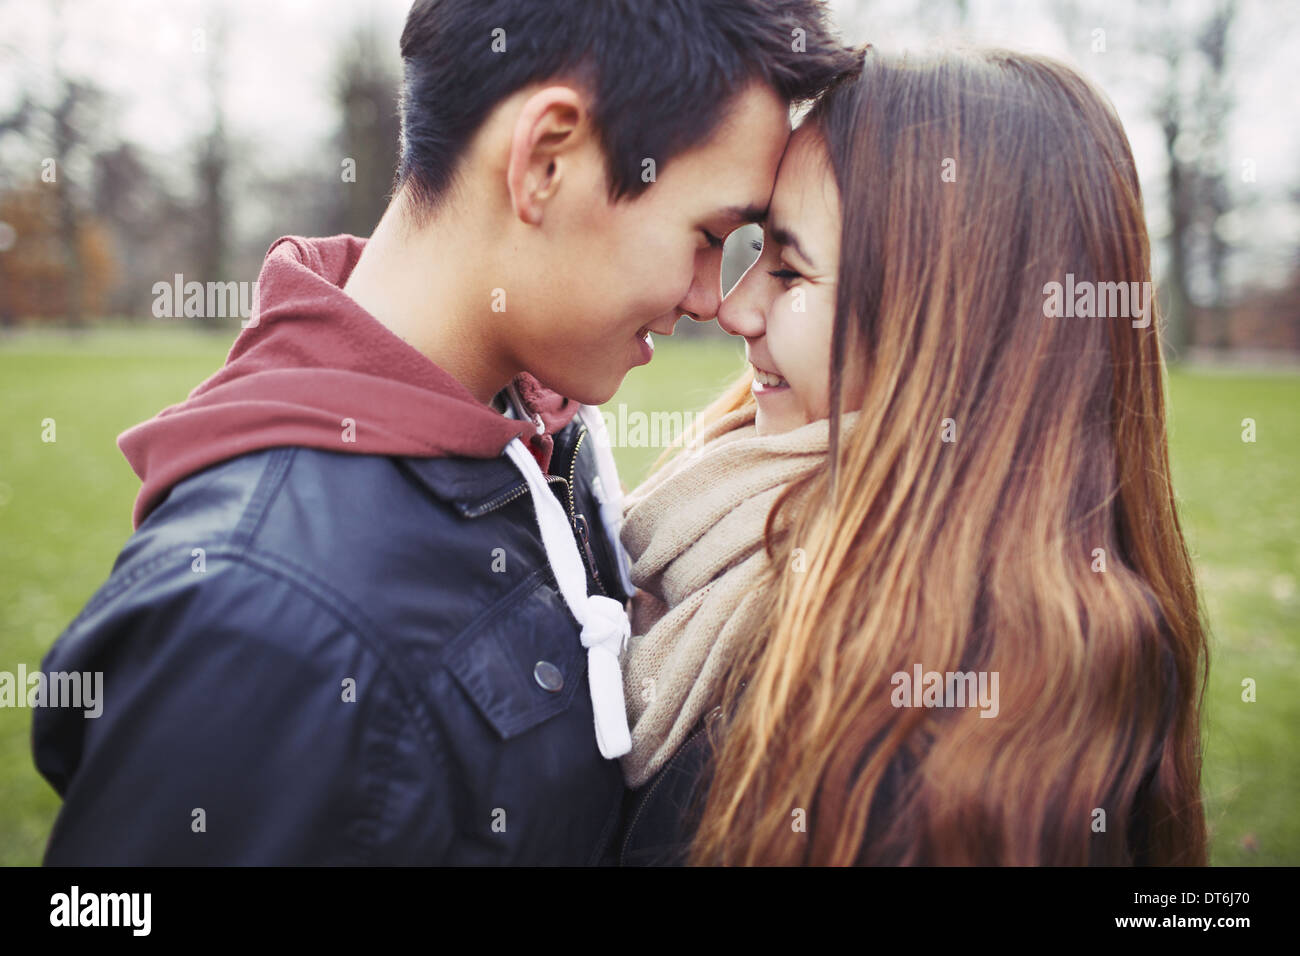 Close up della cute giovane adolescente in amore la condivisione di un momento speciale. Romantico giovane uomo e donna all'aperto nel parco. Immagini Stock